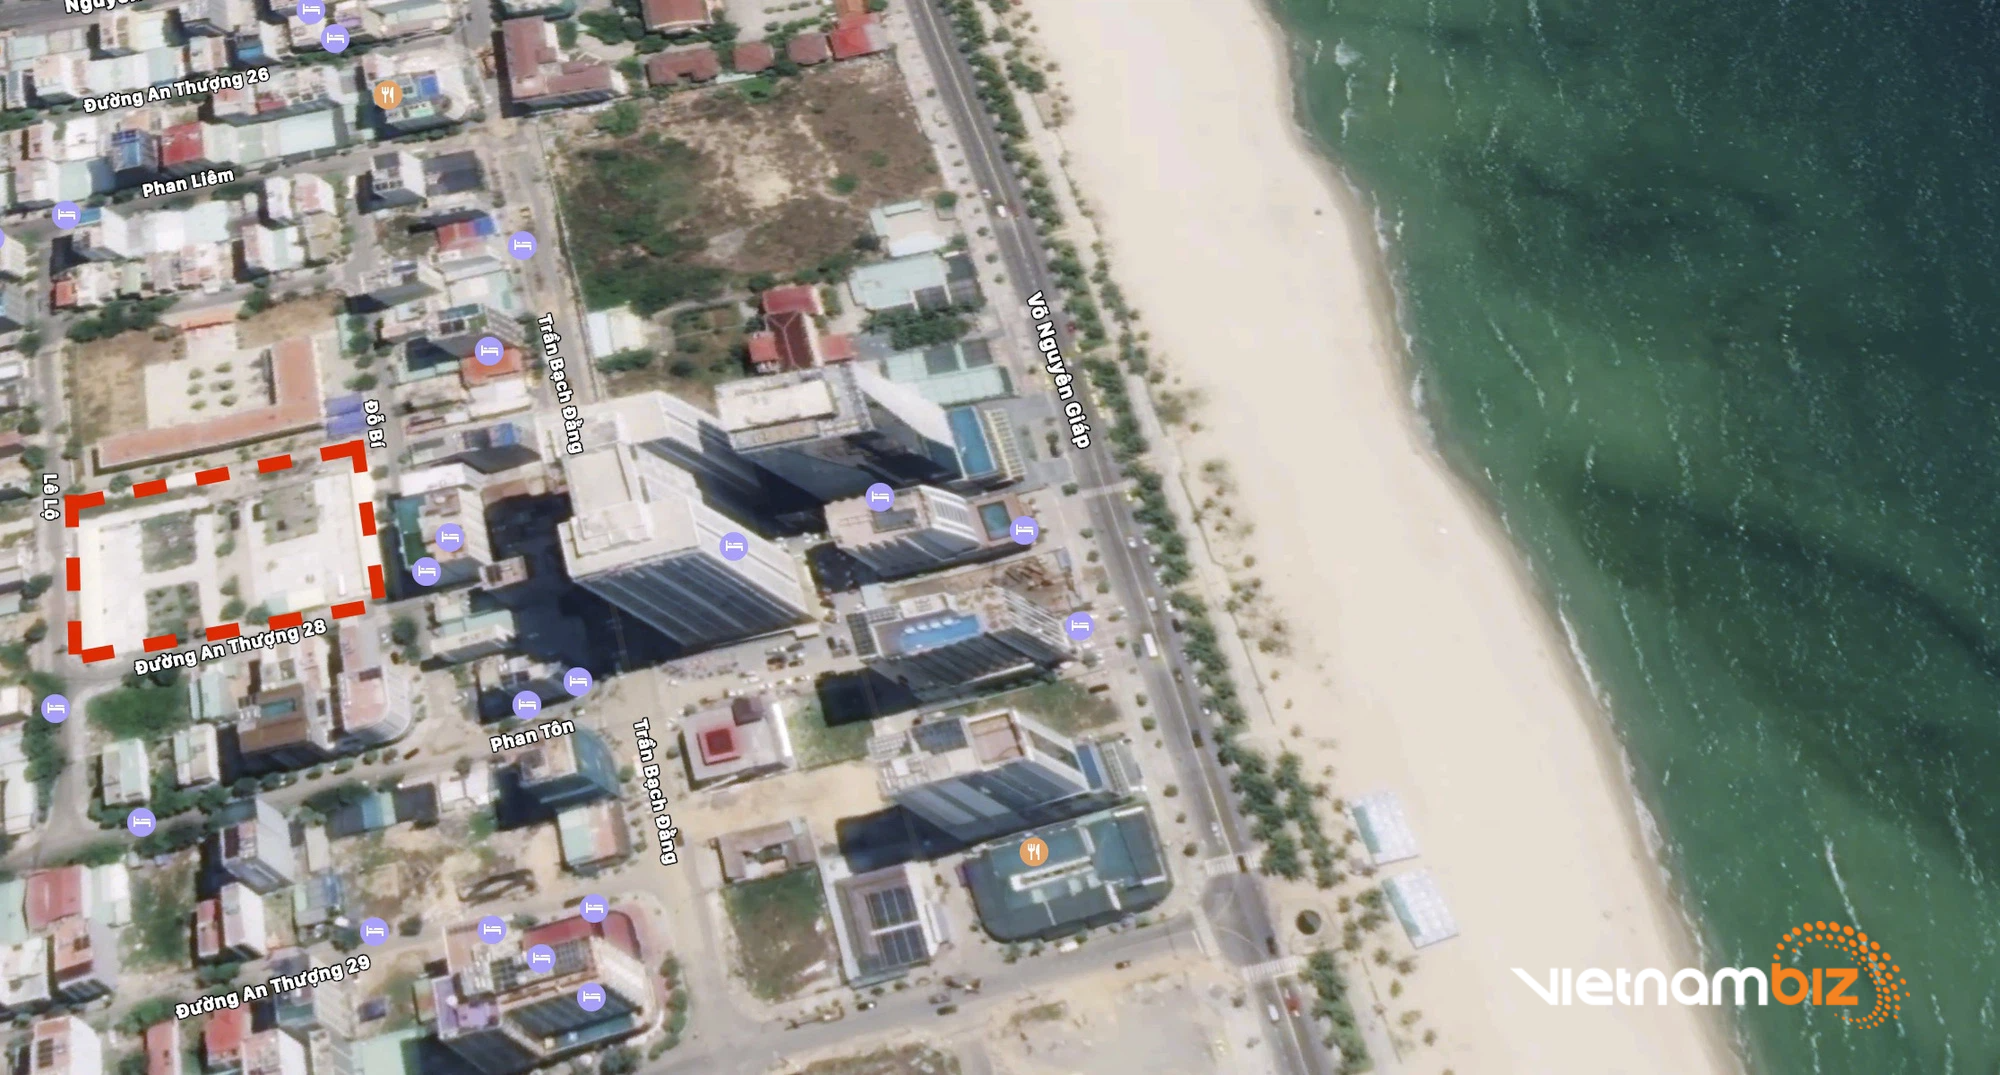 Cận cảnh hai khu đất sát bãi biển Mỹ Khê, Đà Nẵng sẽ đấu giá làm bãi đỗ xe - Ảnh 11.